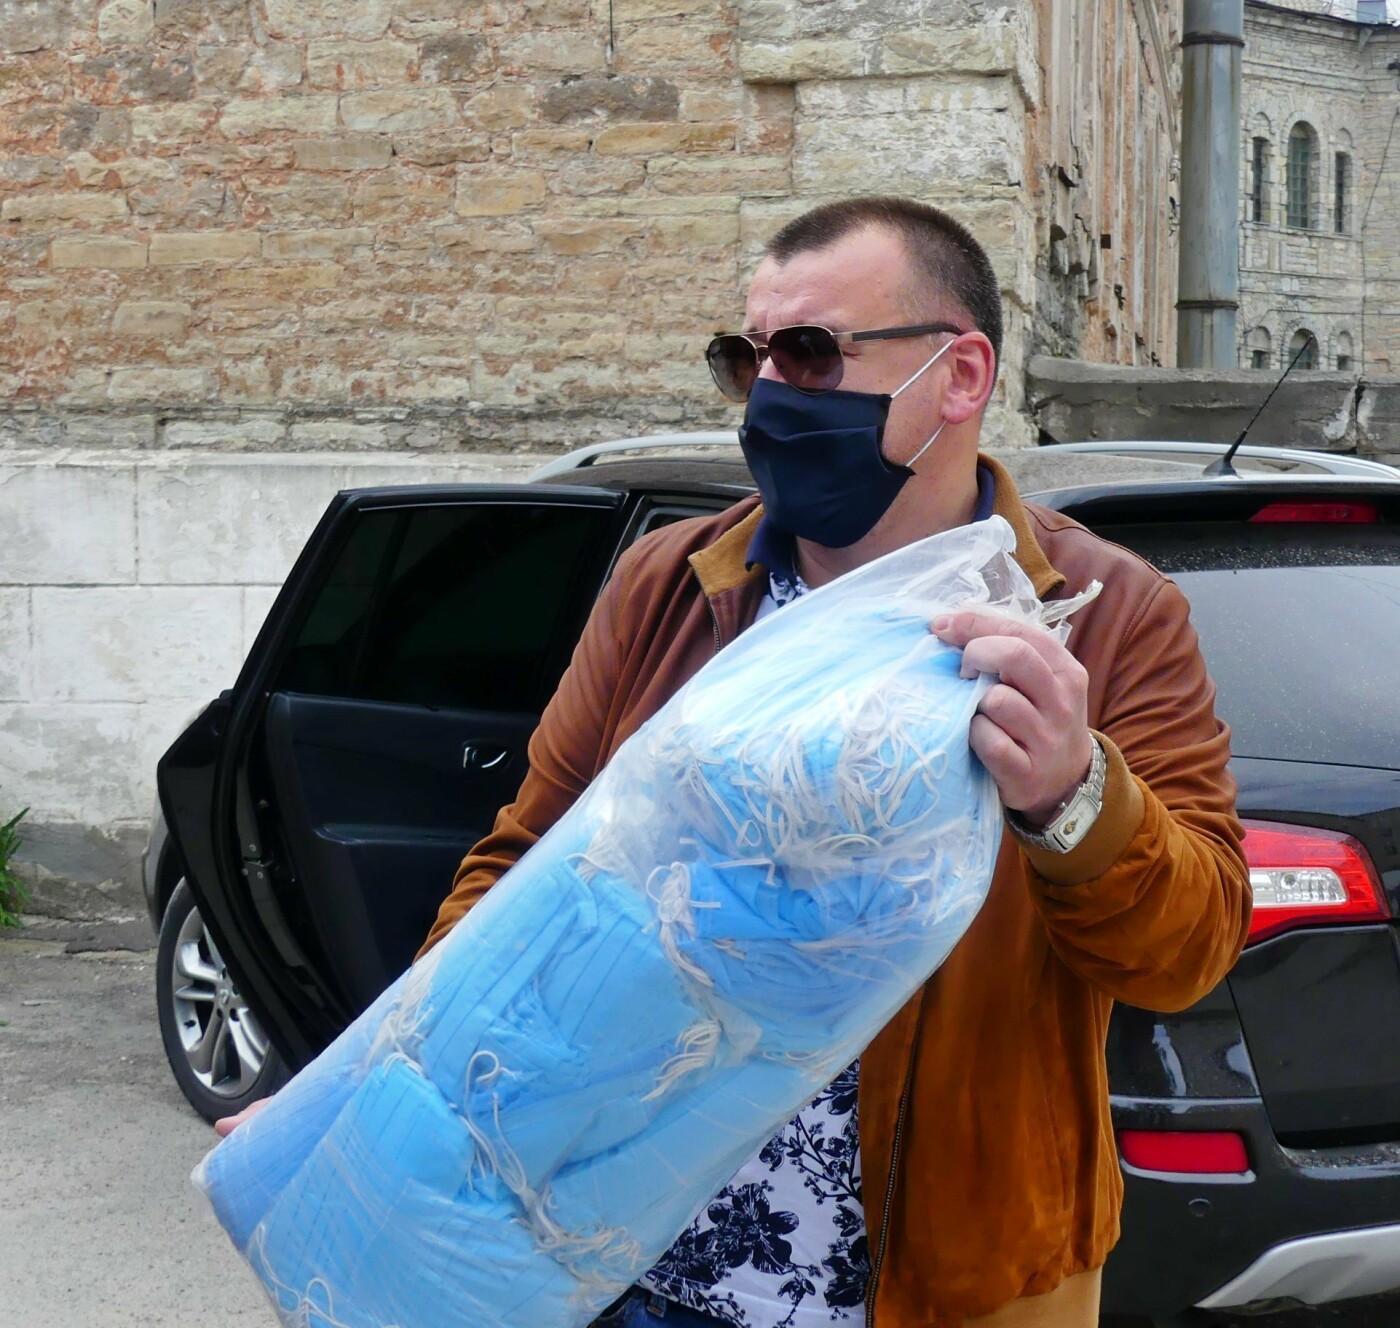 Кам'янецьким медикам передали захисні щитки та маски, фото-1, Фото: Михайло Сімашкевич, Фейсбук